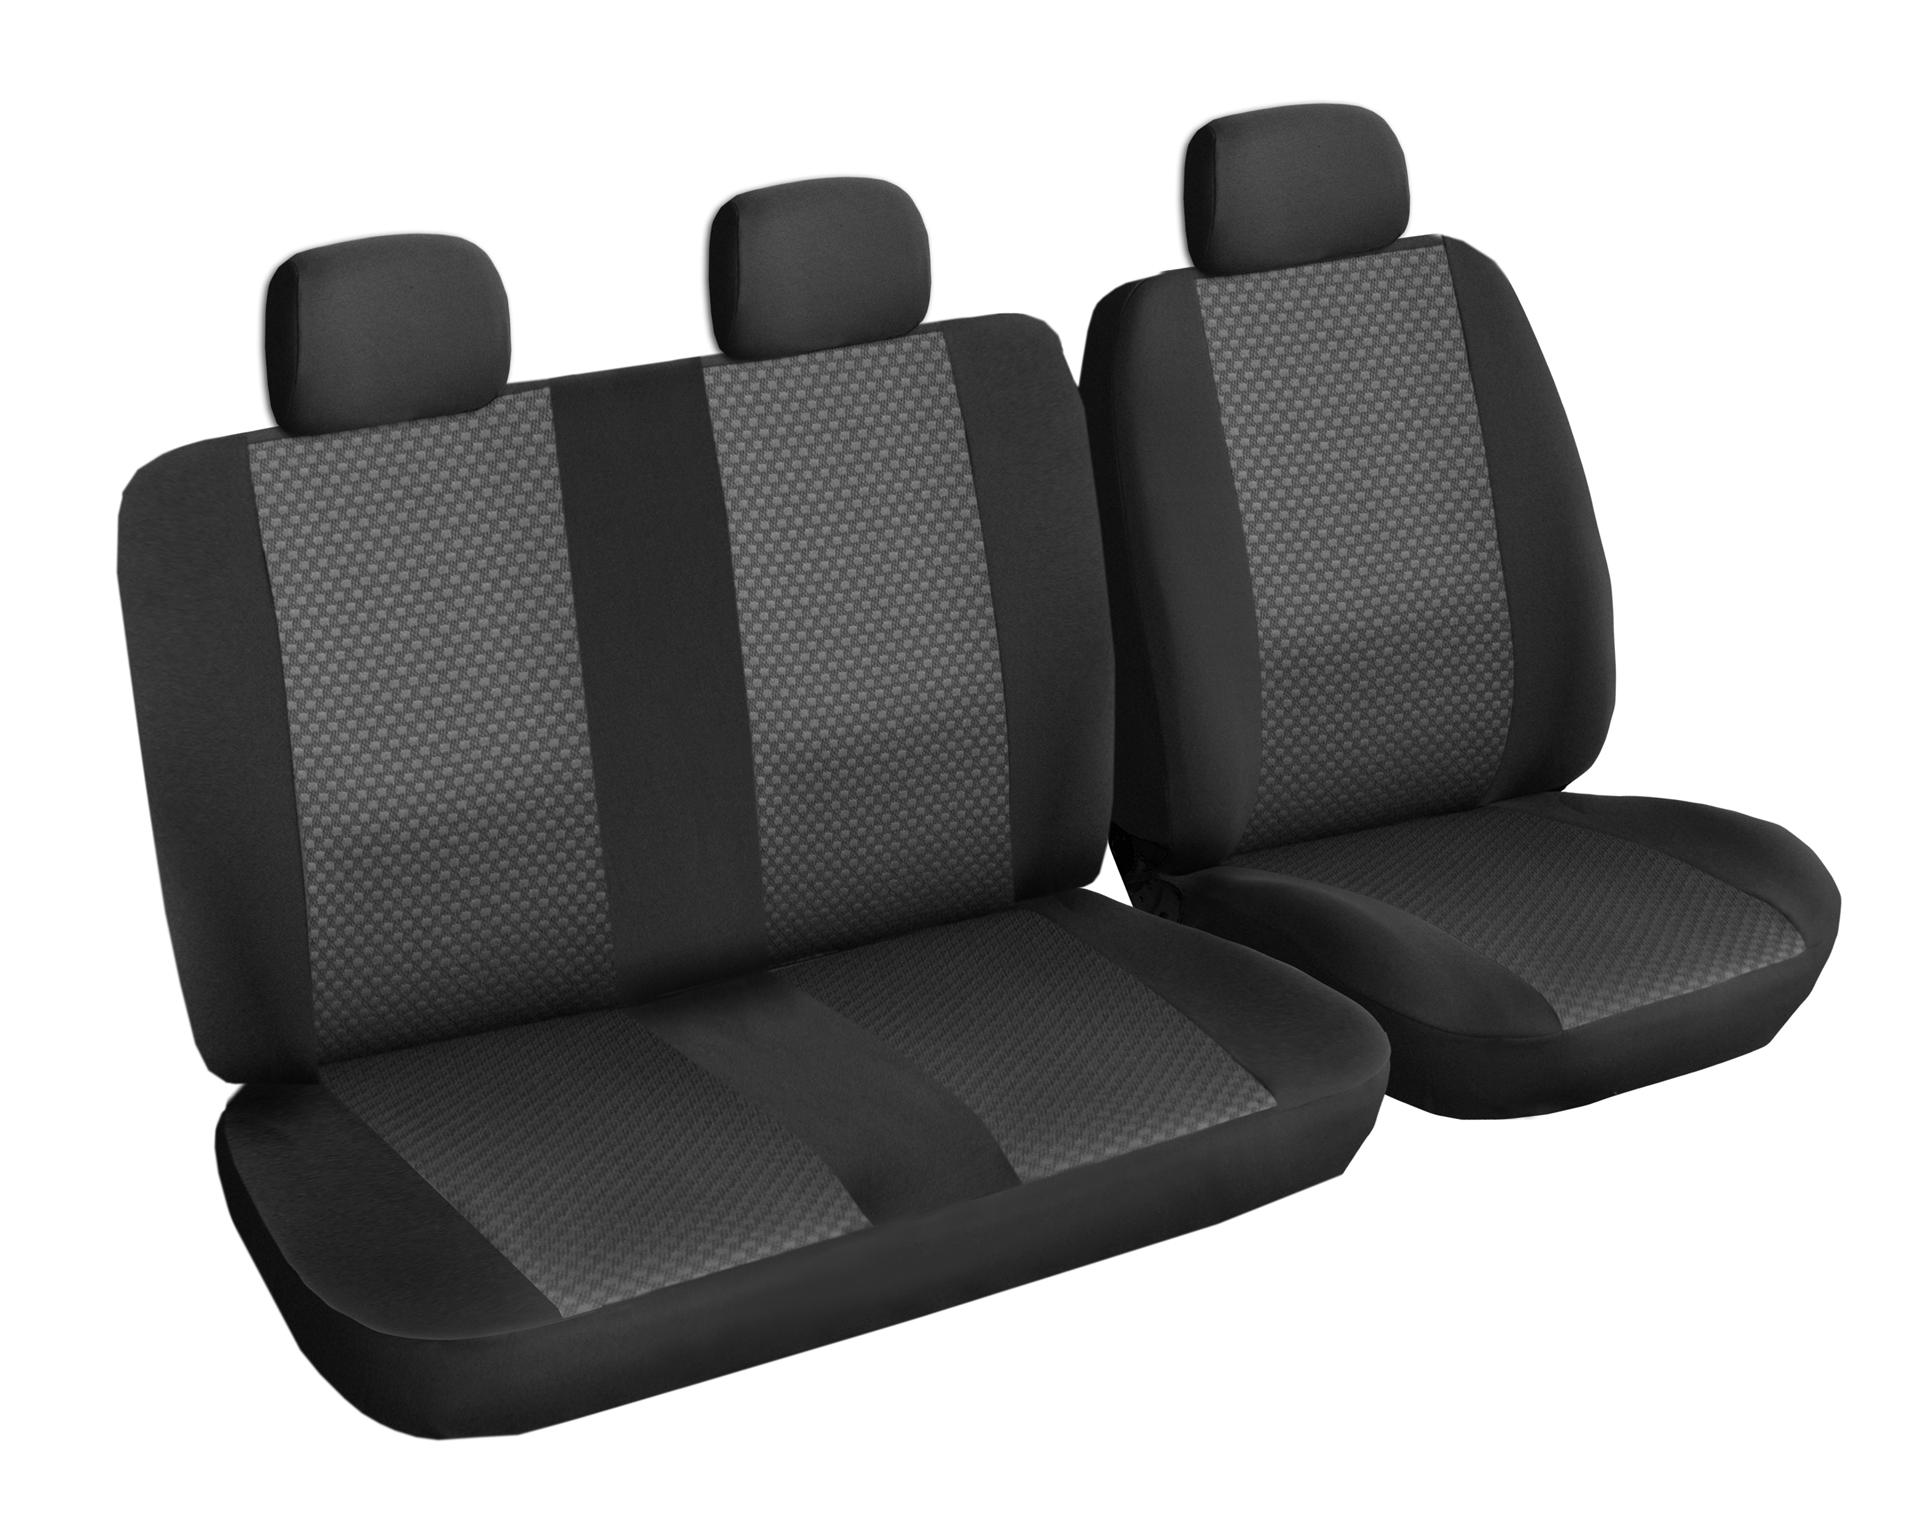 Autopotahy Citroen Jumpy III, 3 místa, BEZ STOLKU, od r. 2016, černé